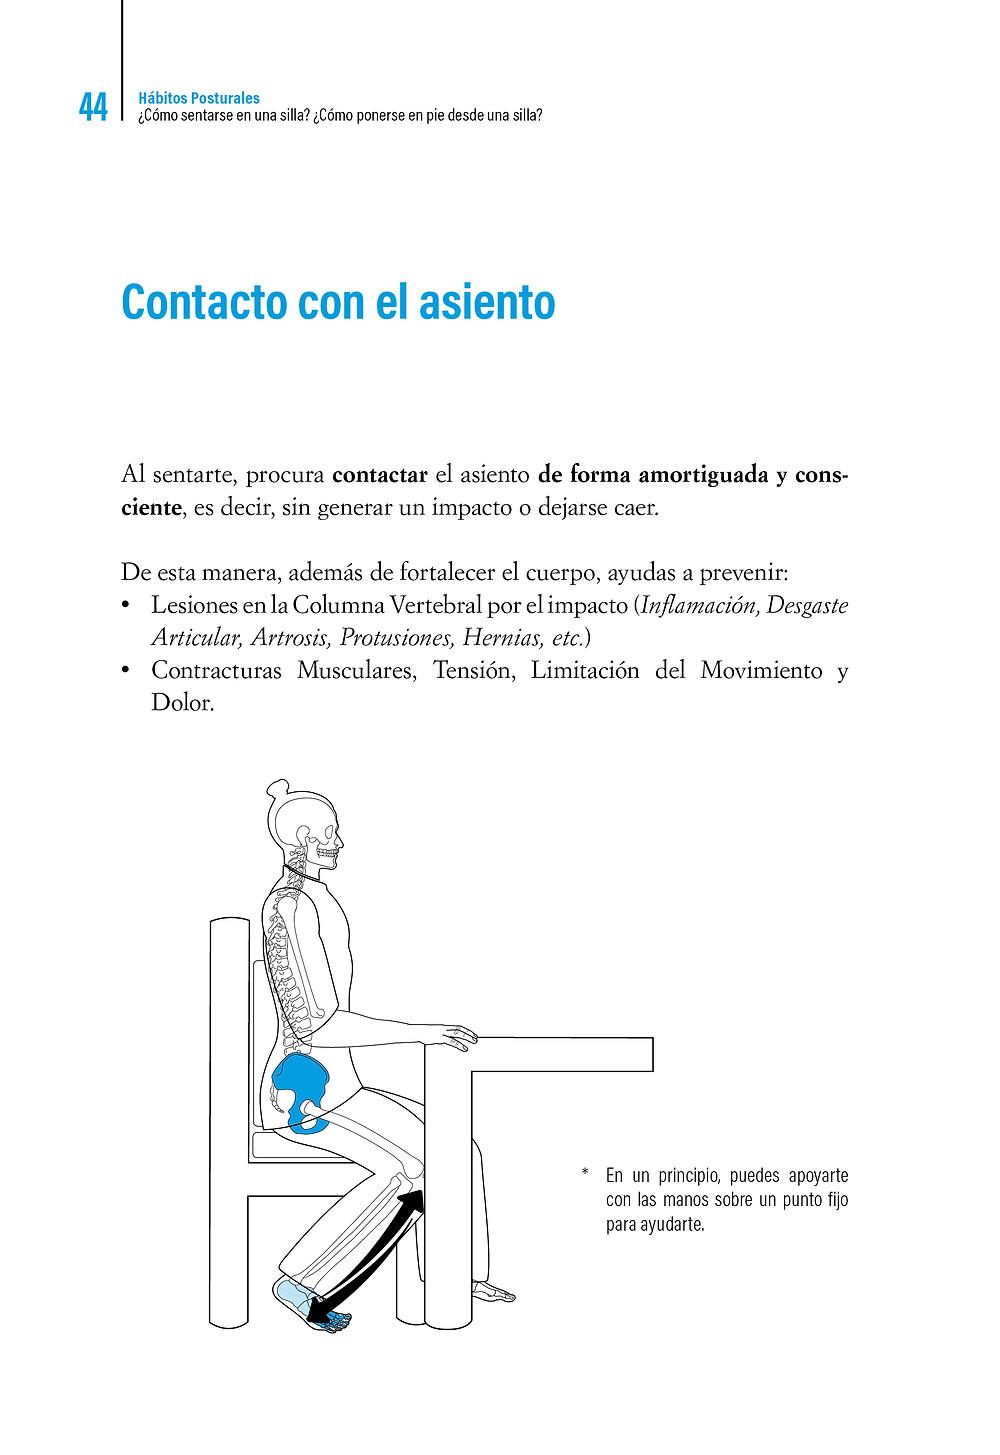     Libro Hábitos Posturales ¿Cómo sentarse en una silla ? Contacto con el asiento